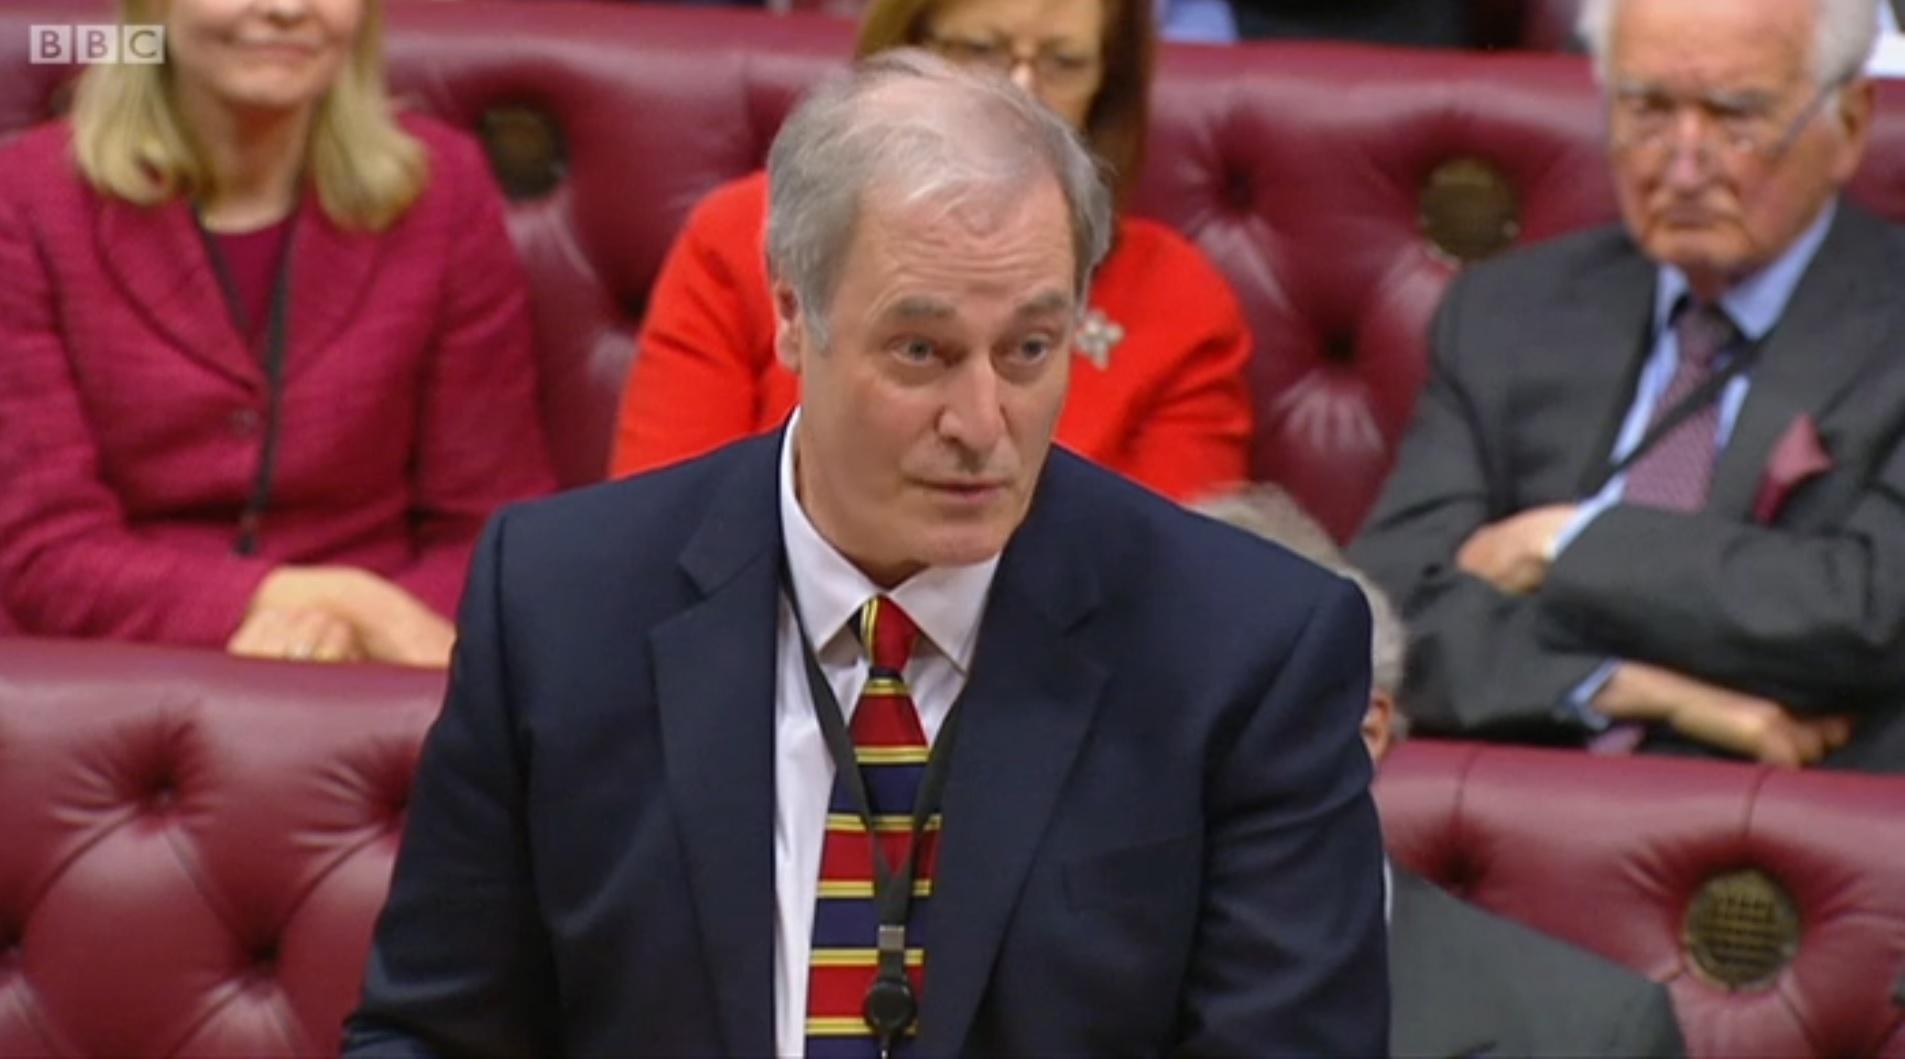 Il démissionne pour être arrivé en retard au parlement